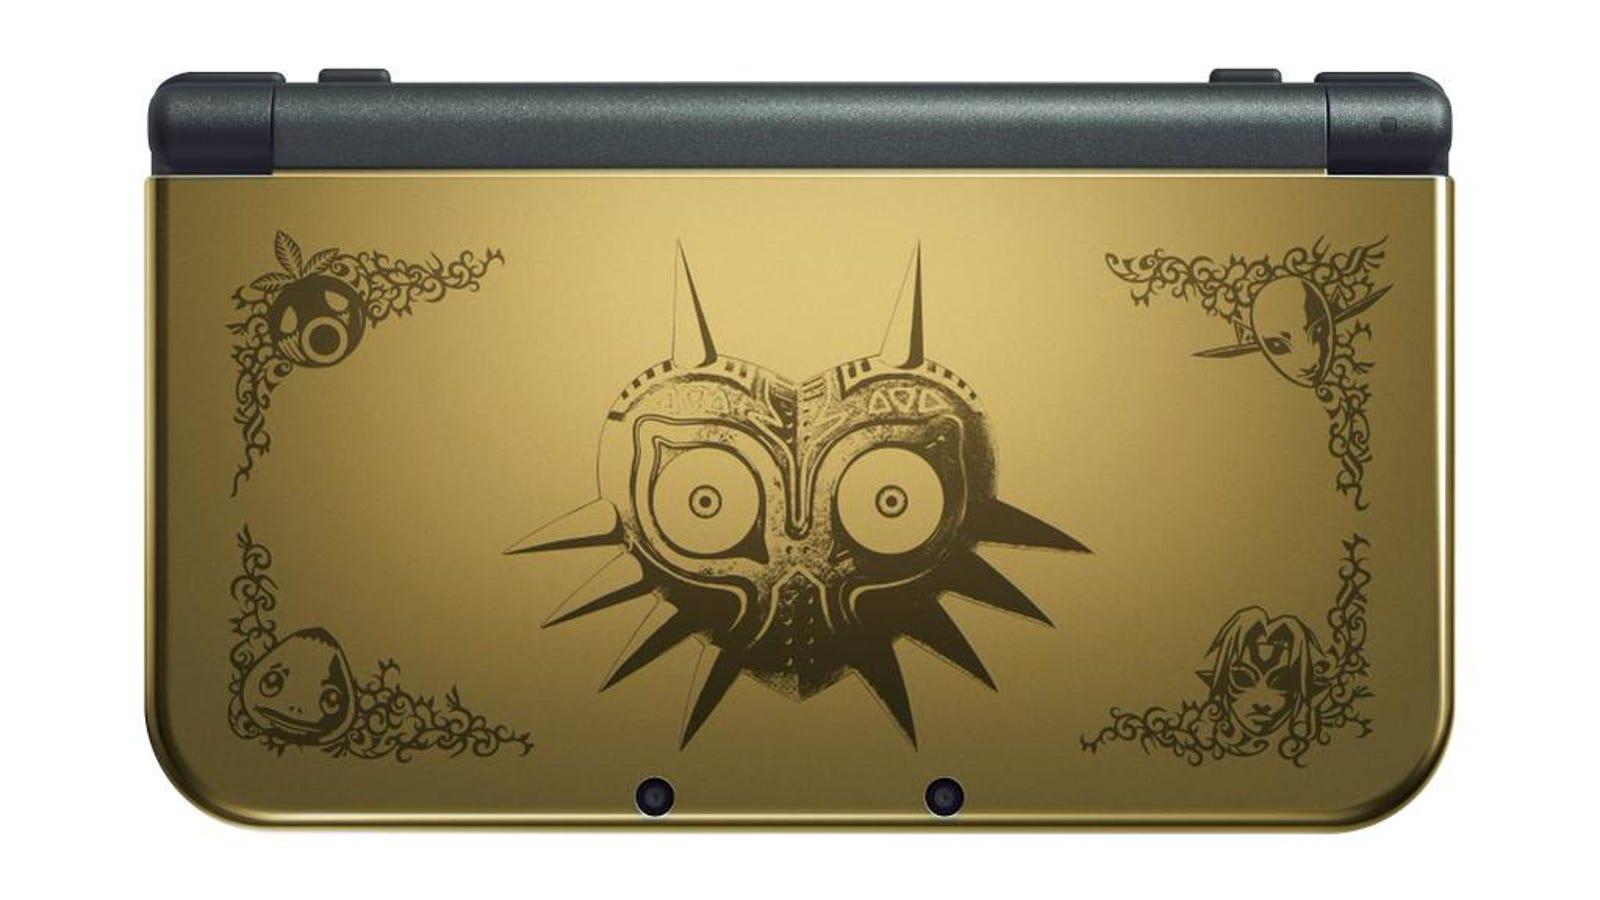 La New Nintendo 3DS XL edición Majora's Mask es una preciosidad